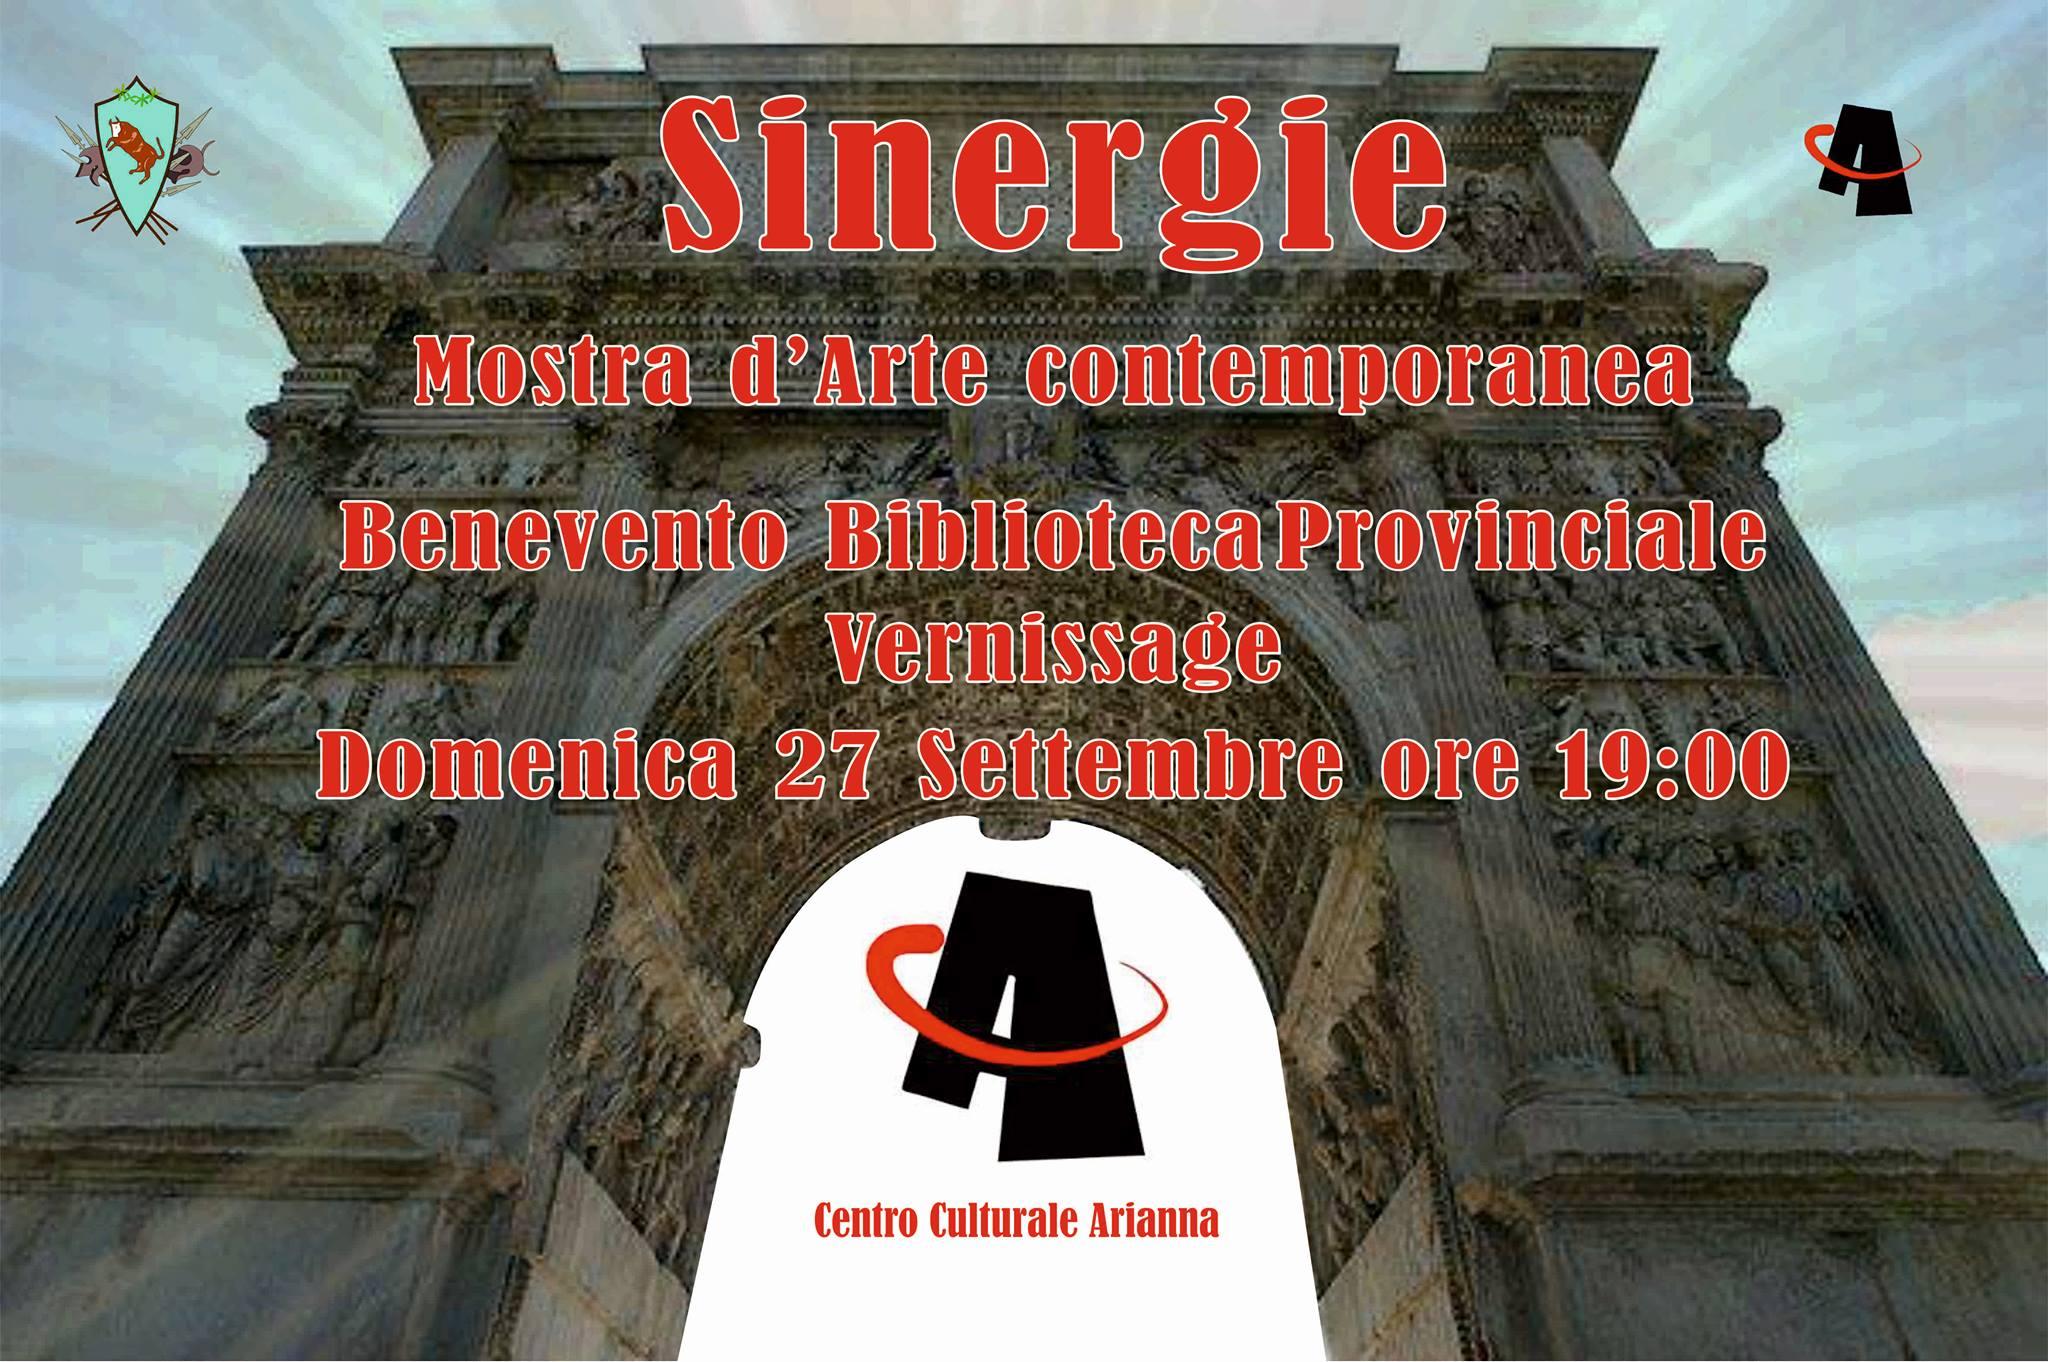 Domenica, alla Biblioteca Provinciale, si aprirà la mostra di arte contemporanea 'Sinergie'